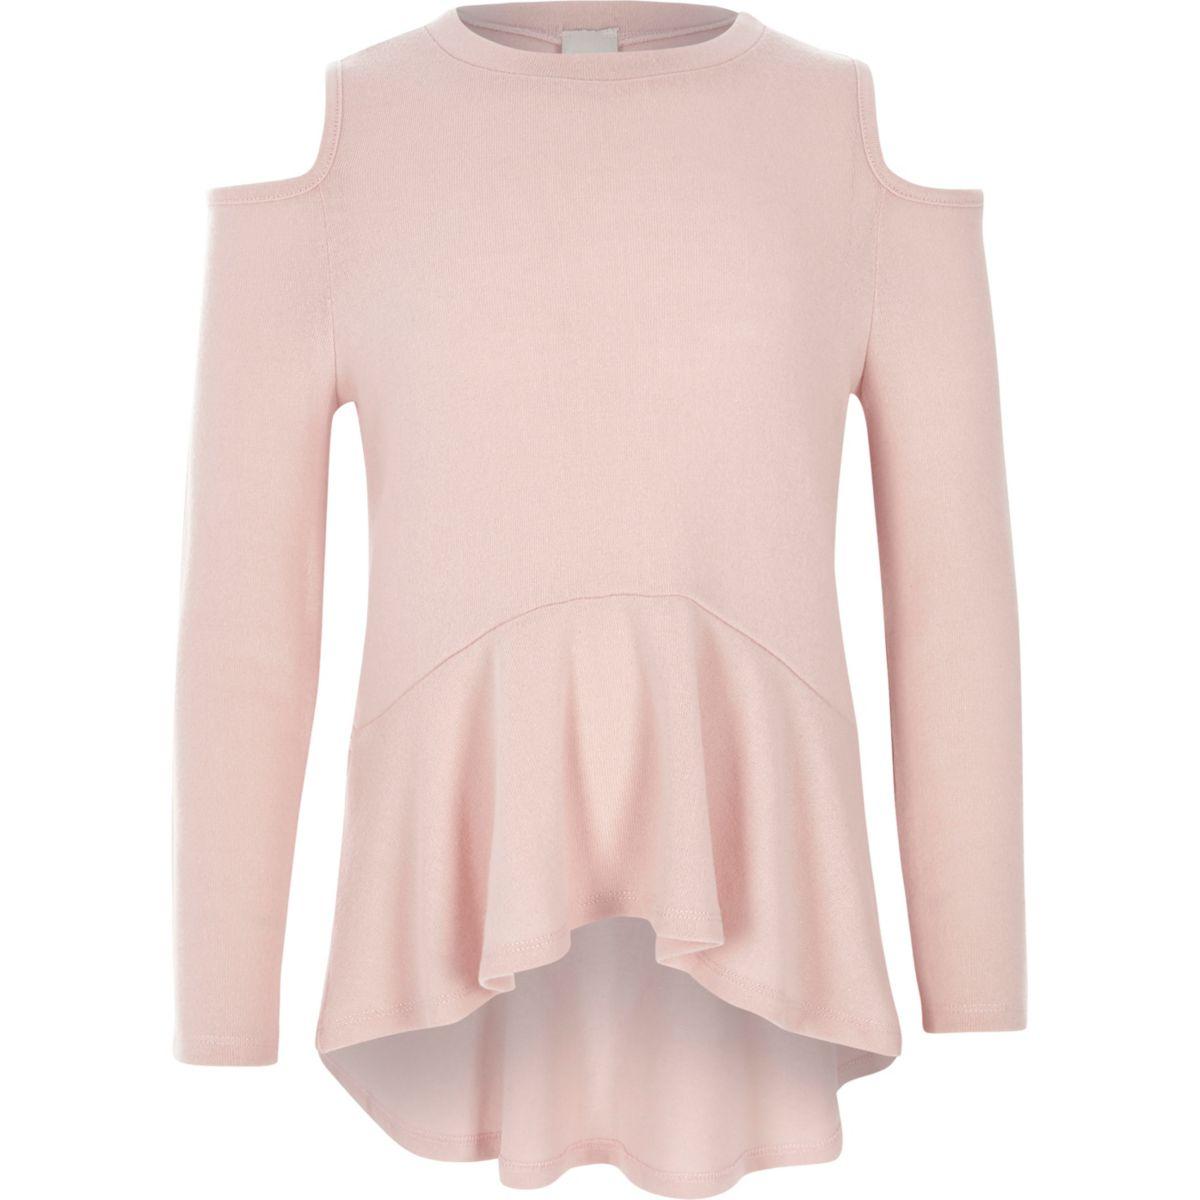 Girls pink cold shoulder peplum jumper